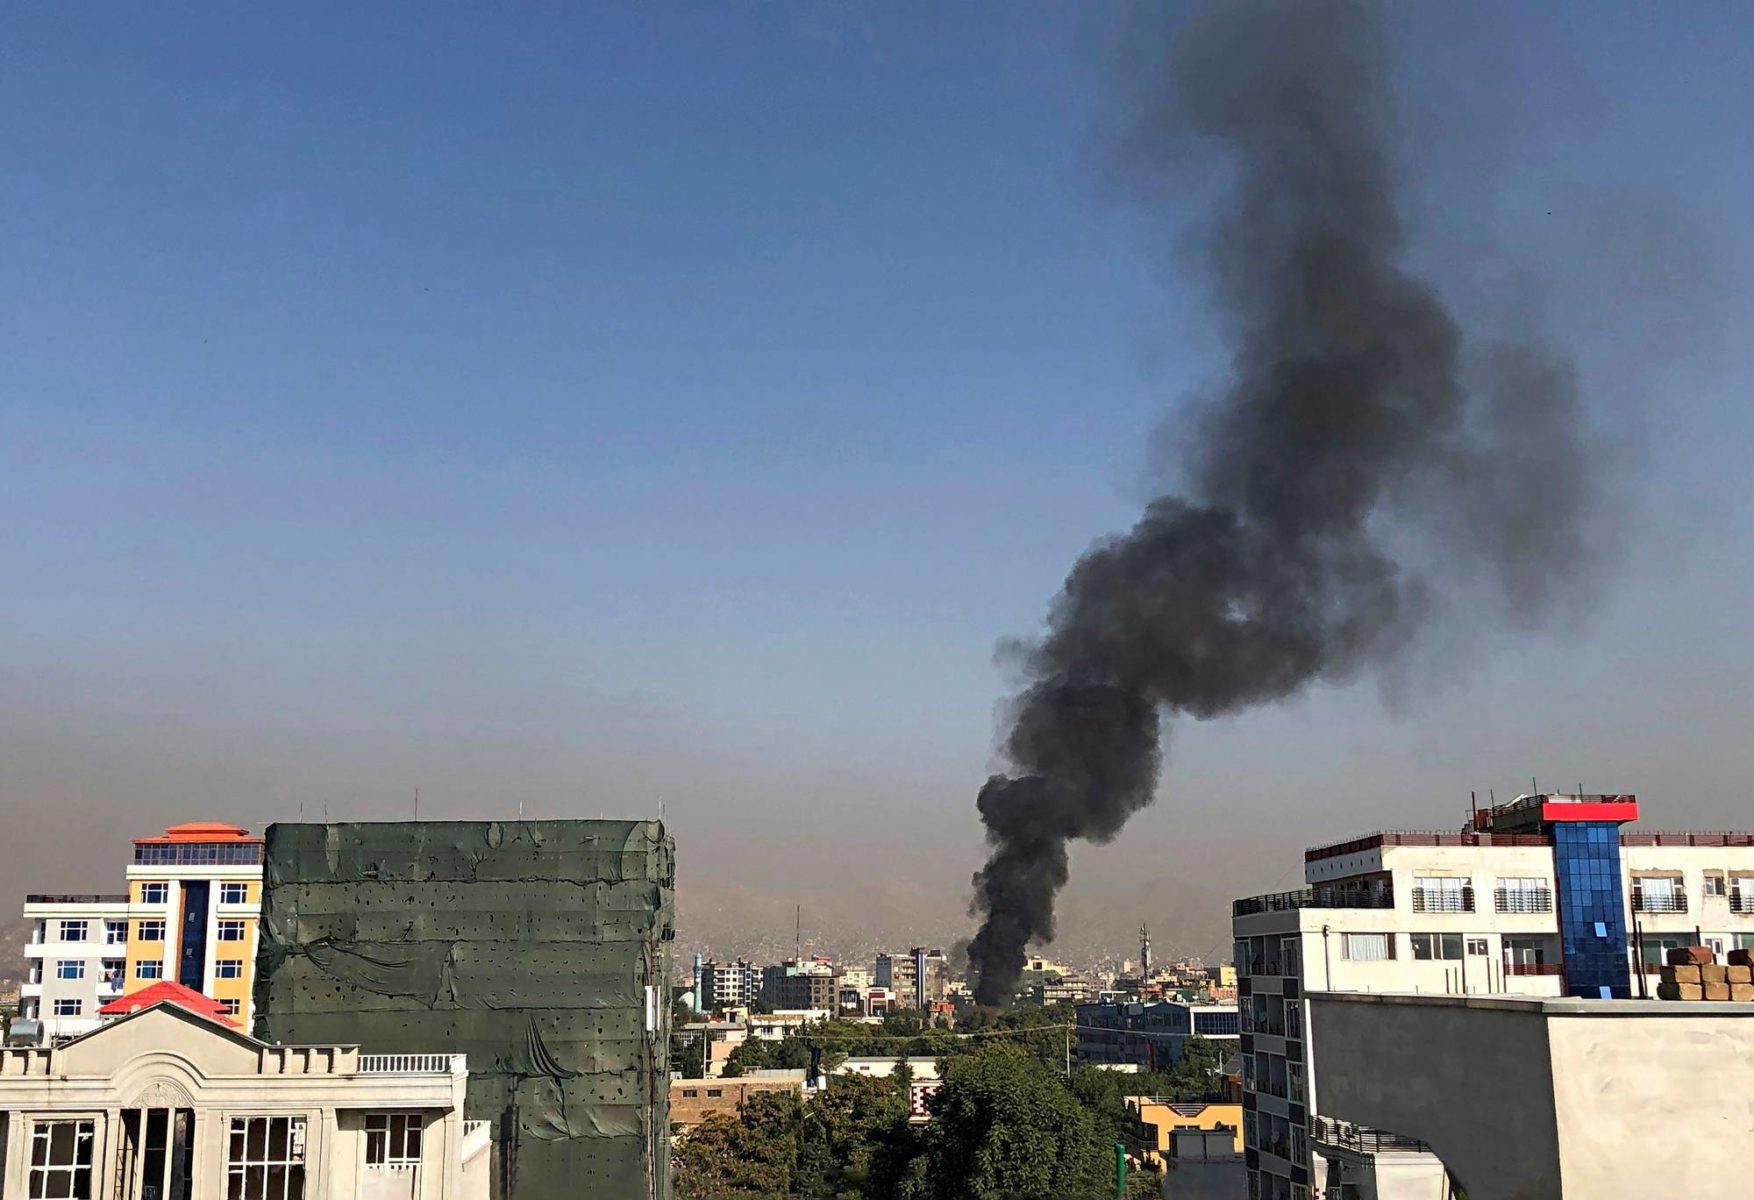 Afganistanin pääkaupungissa Kabulissa nähdään tuhoisia pommi-iskuja lähes päivittäin.